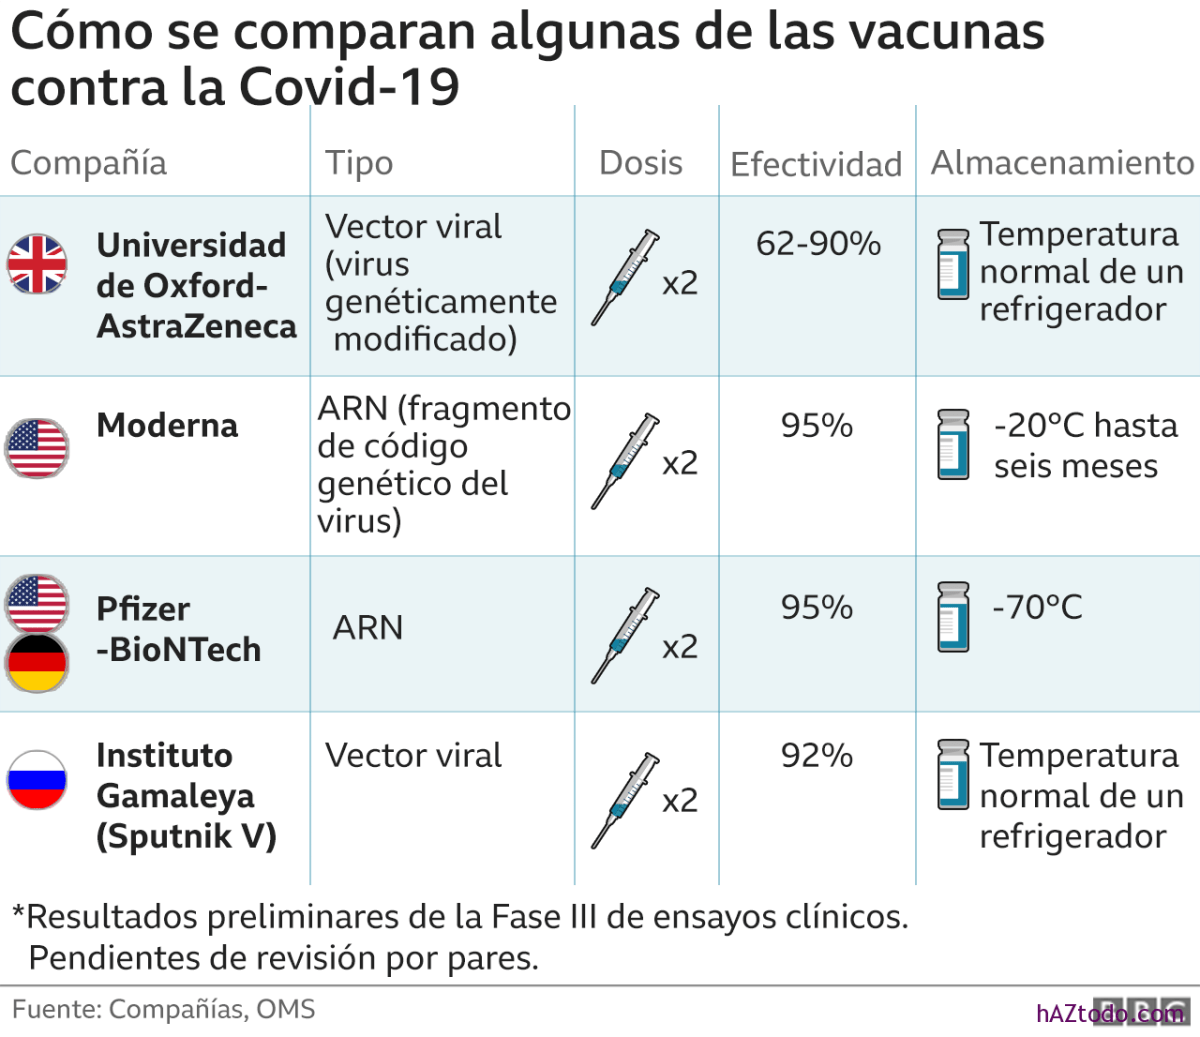 Cuál es la vacuna más eficaz contra el Covid-19?